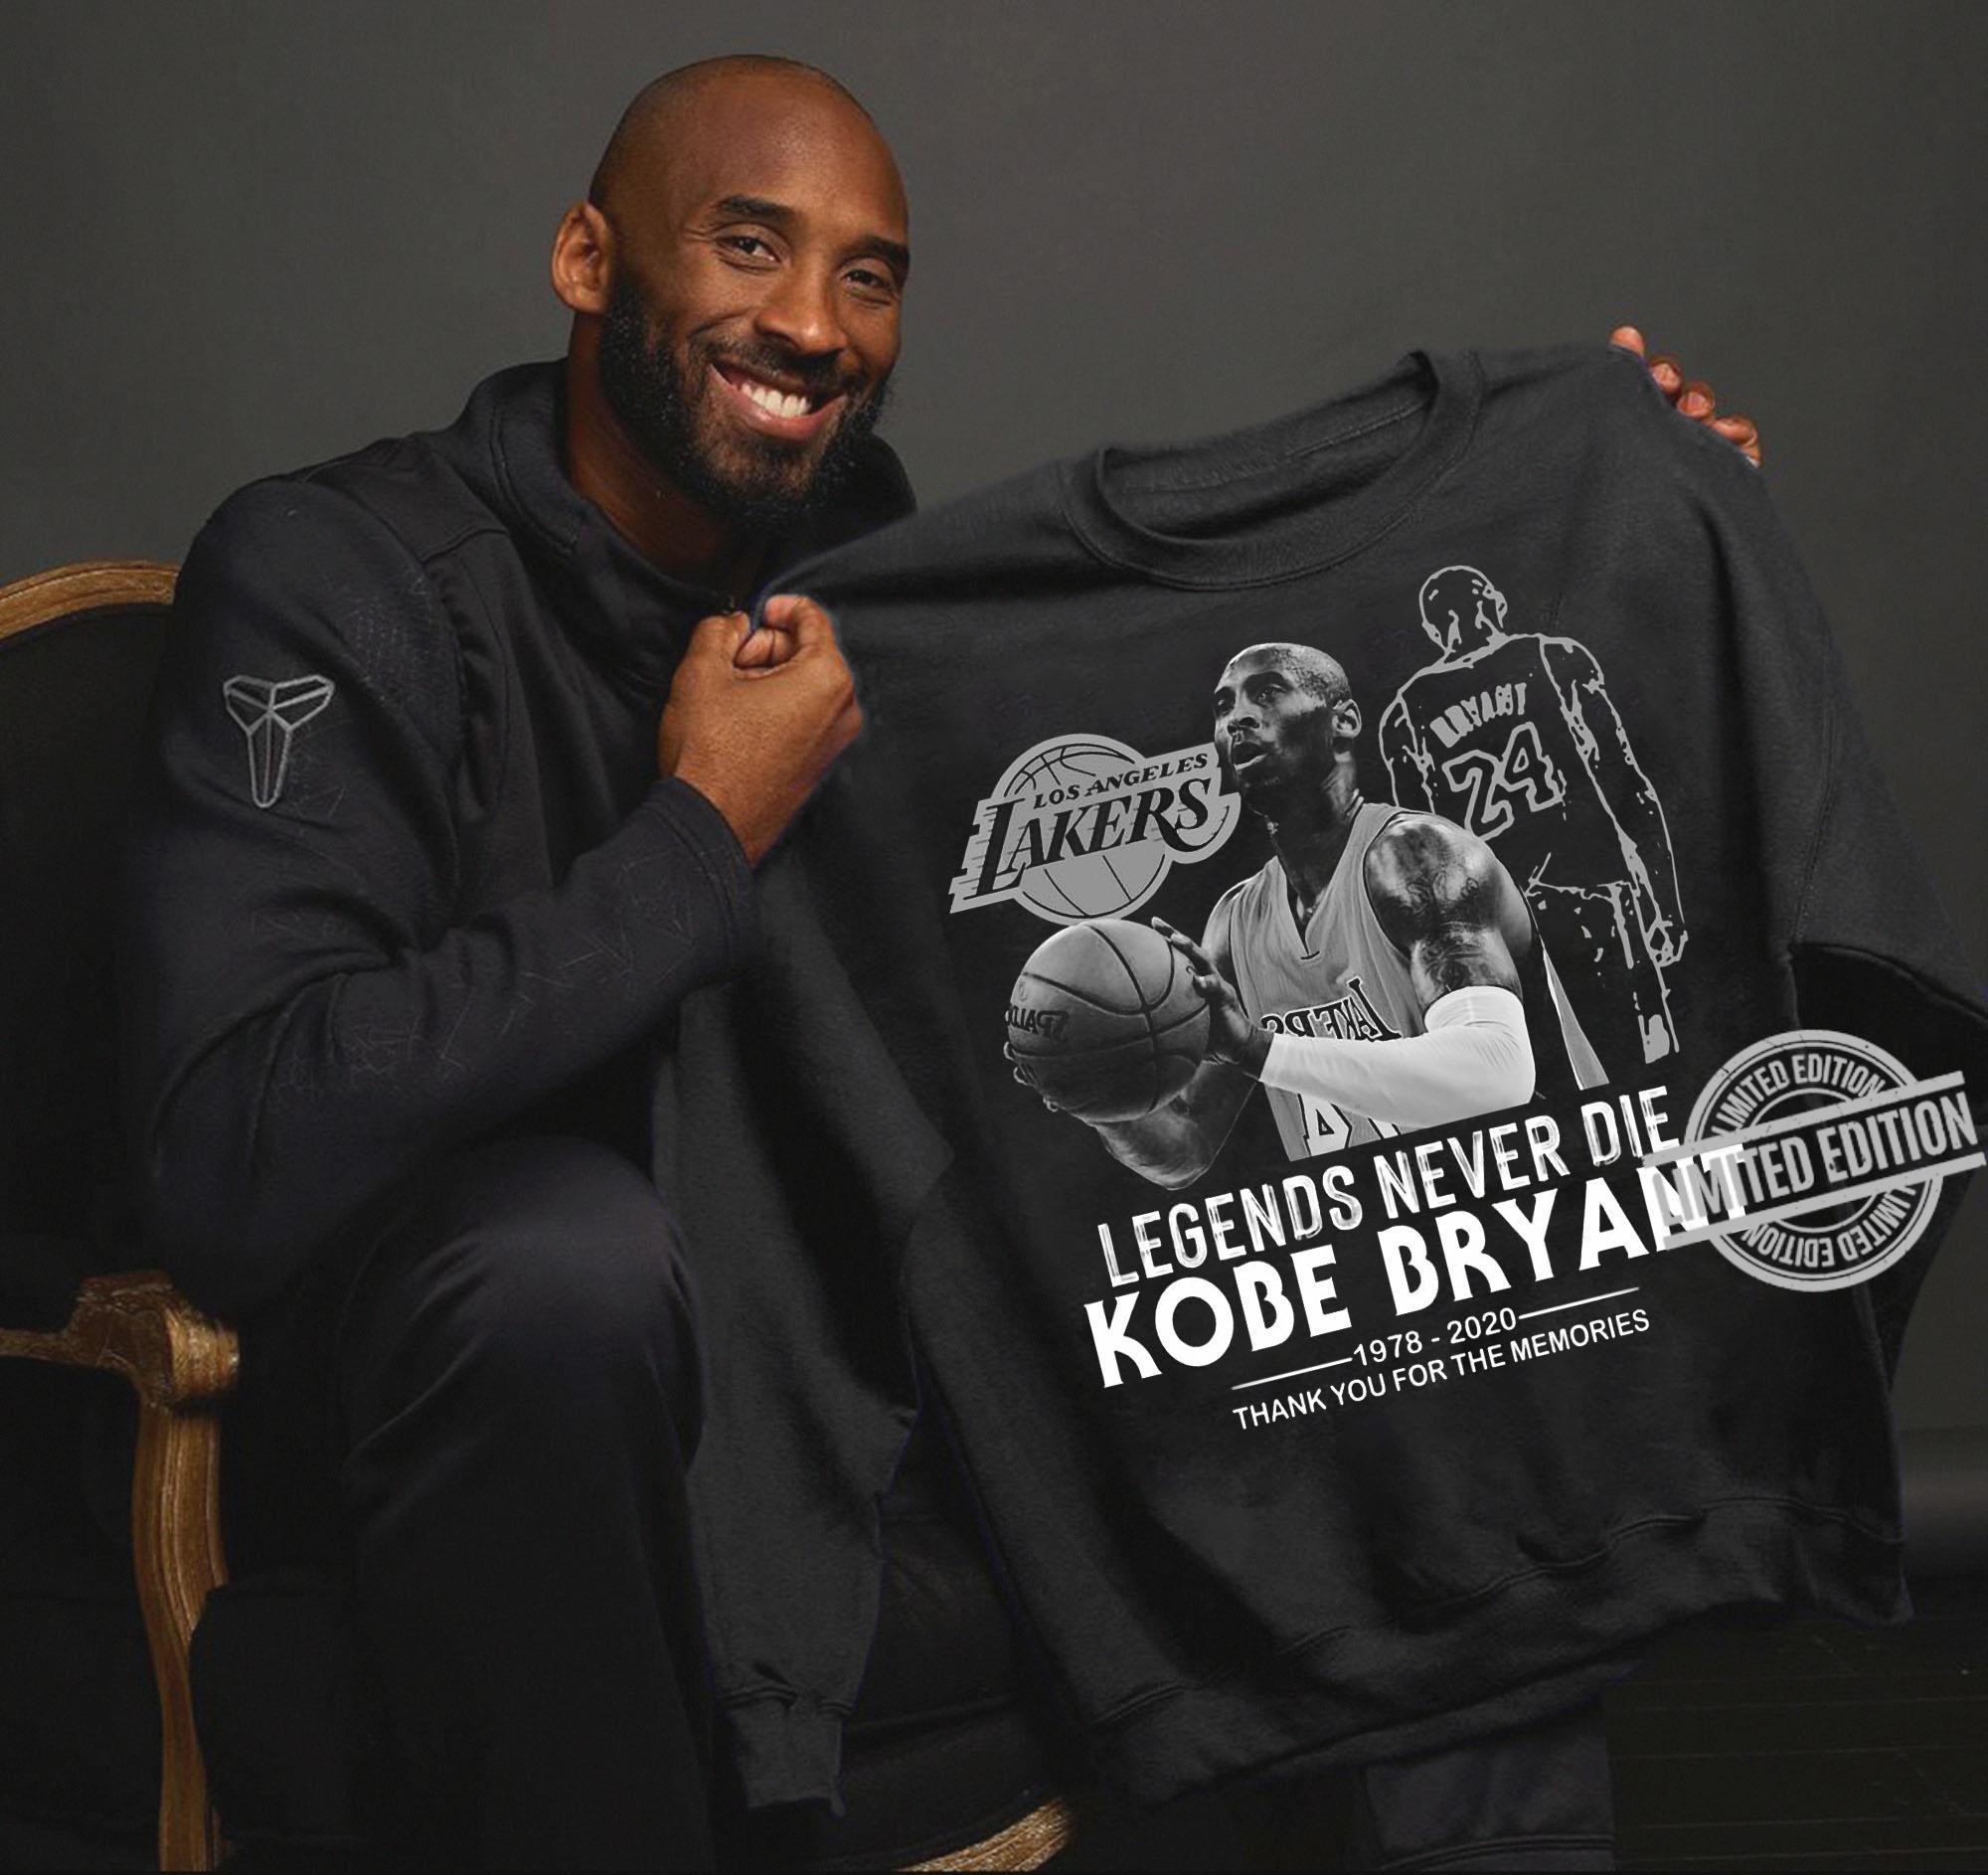 Los Angeles Lakers Legends Never Die Kobe Bryant Shirt